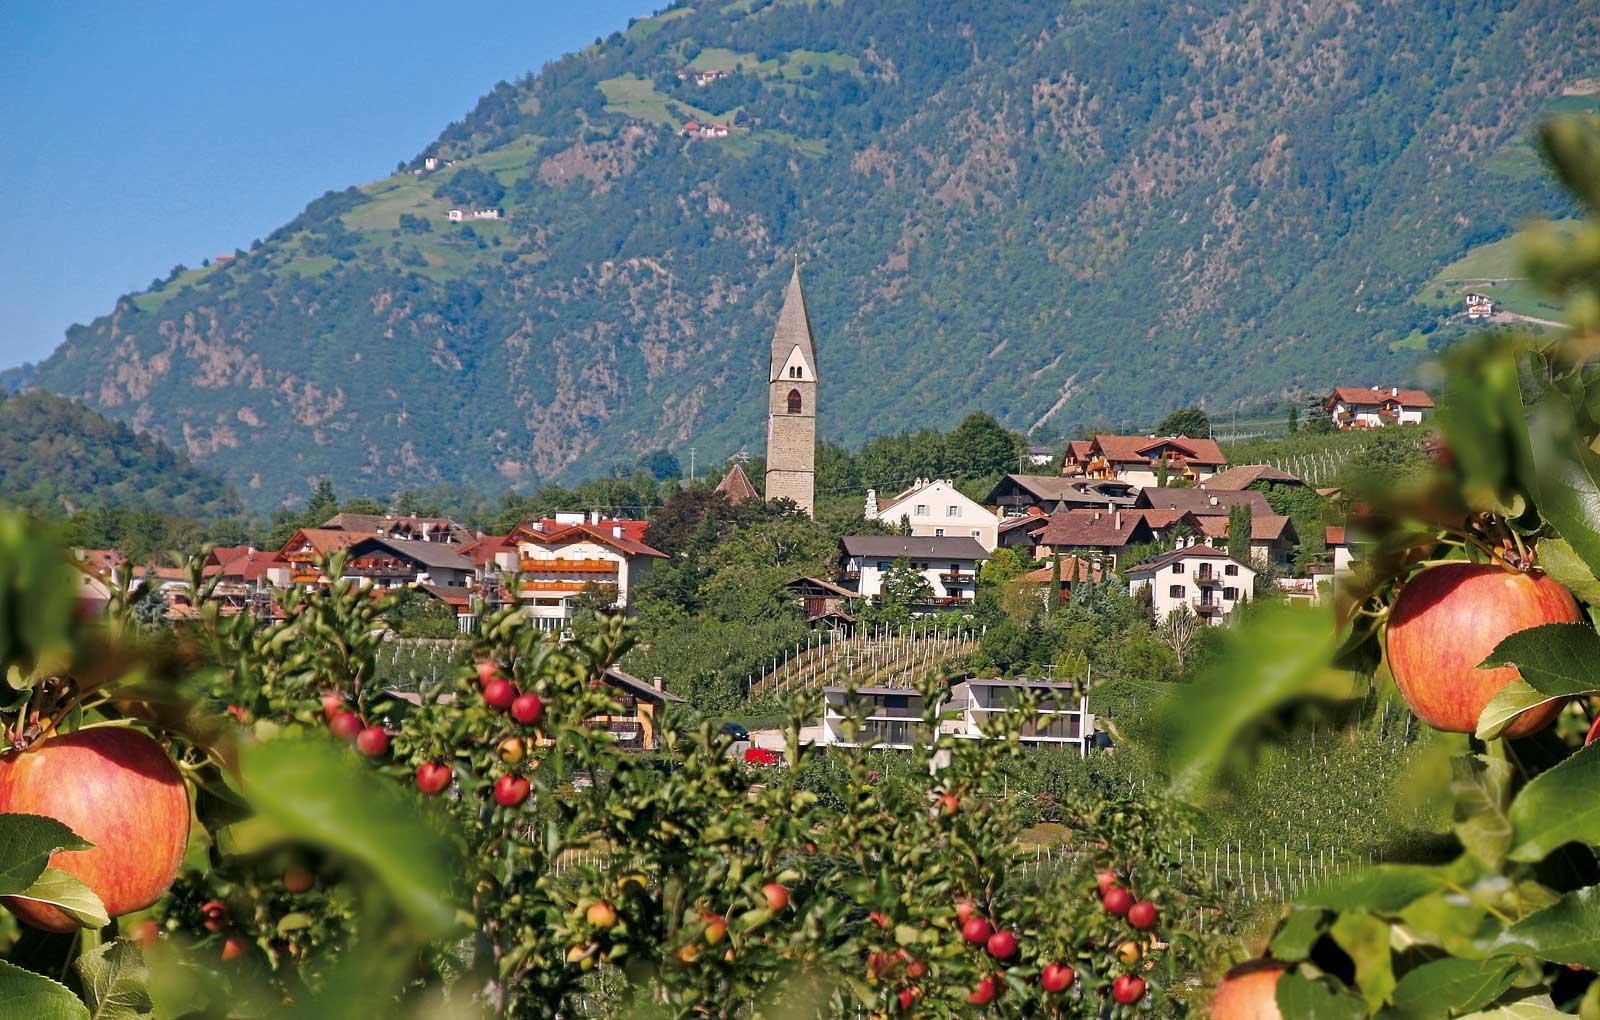 Gartendorf Algund bei Meran